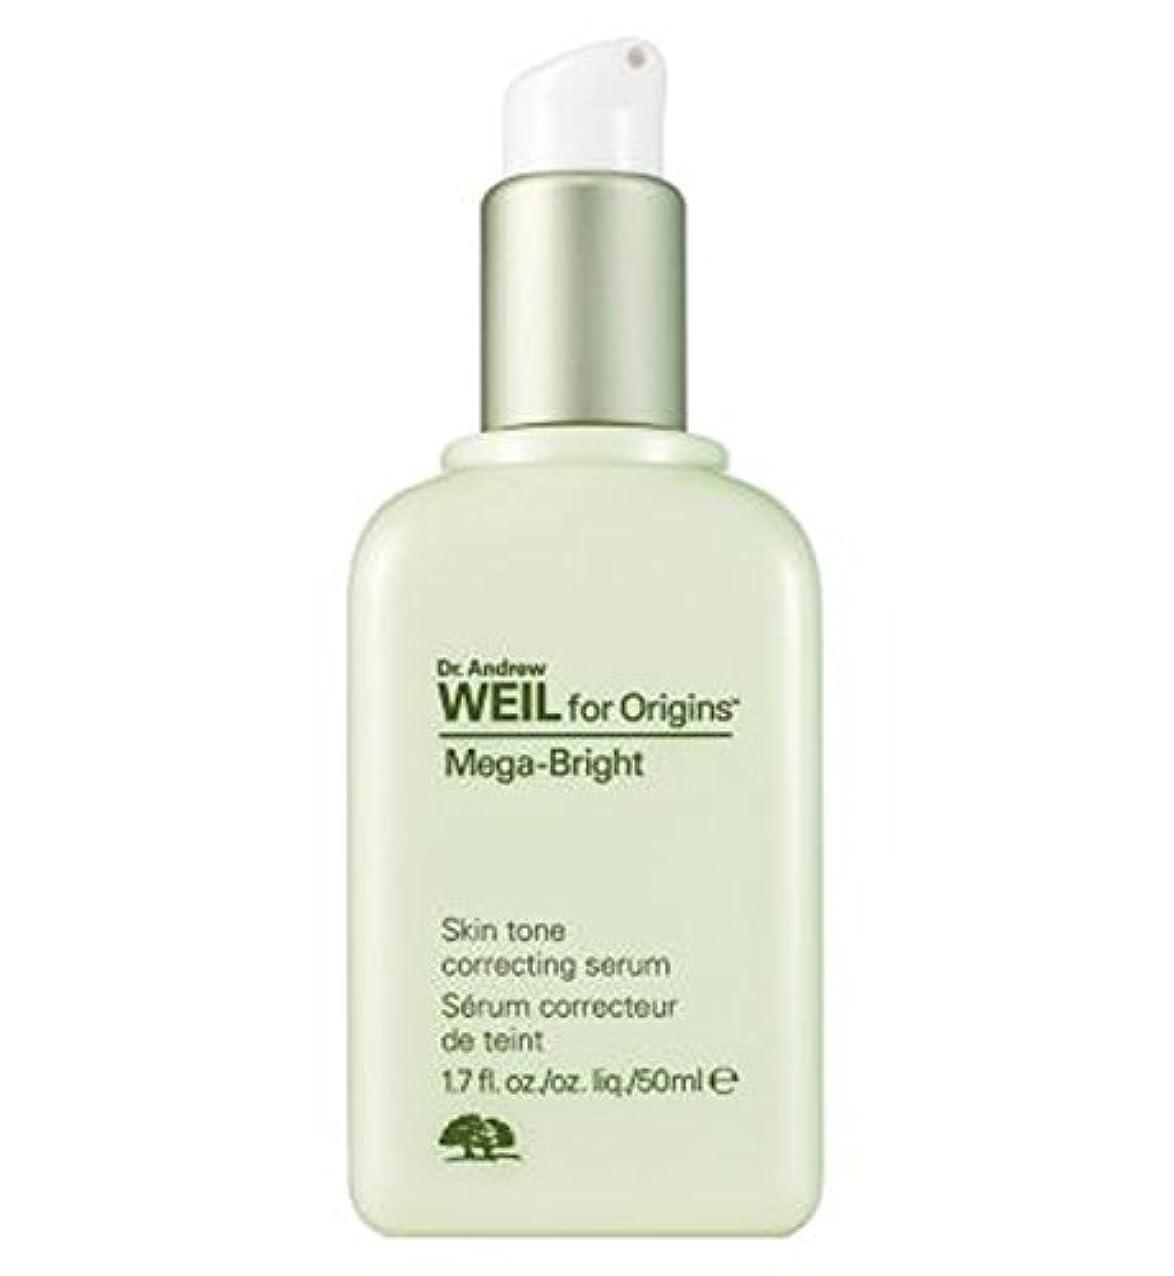 添付悲劇的な繰り返す起源のDrワイルメガ明るい肌色補正血清50ミリリットル (Origins) (x2) - Origins Dr Weil Mega-Bright Skin Tone Correcting Serum 50ml (Pack...